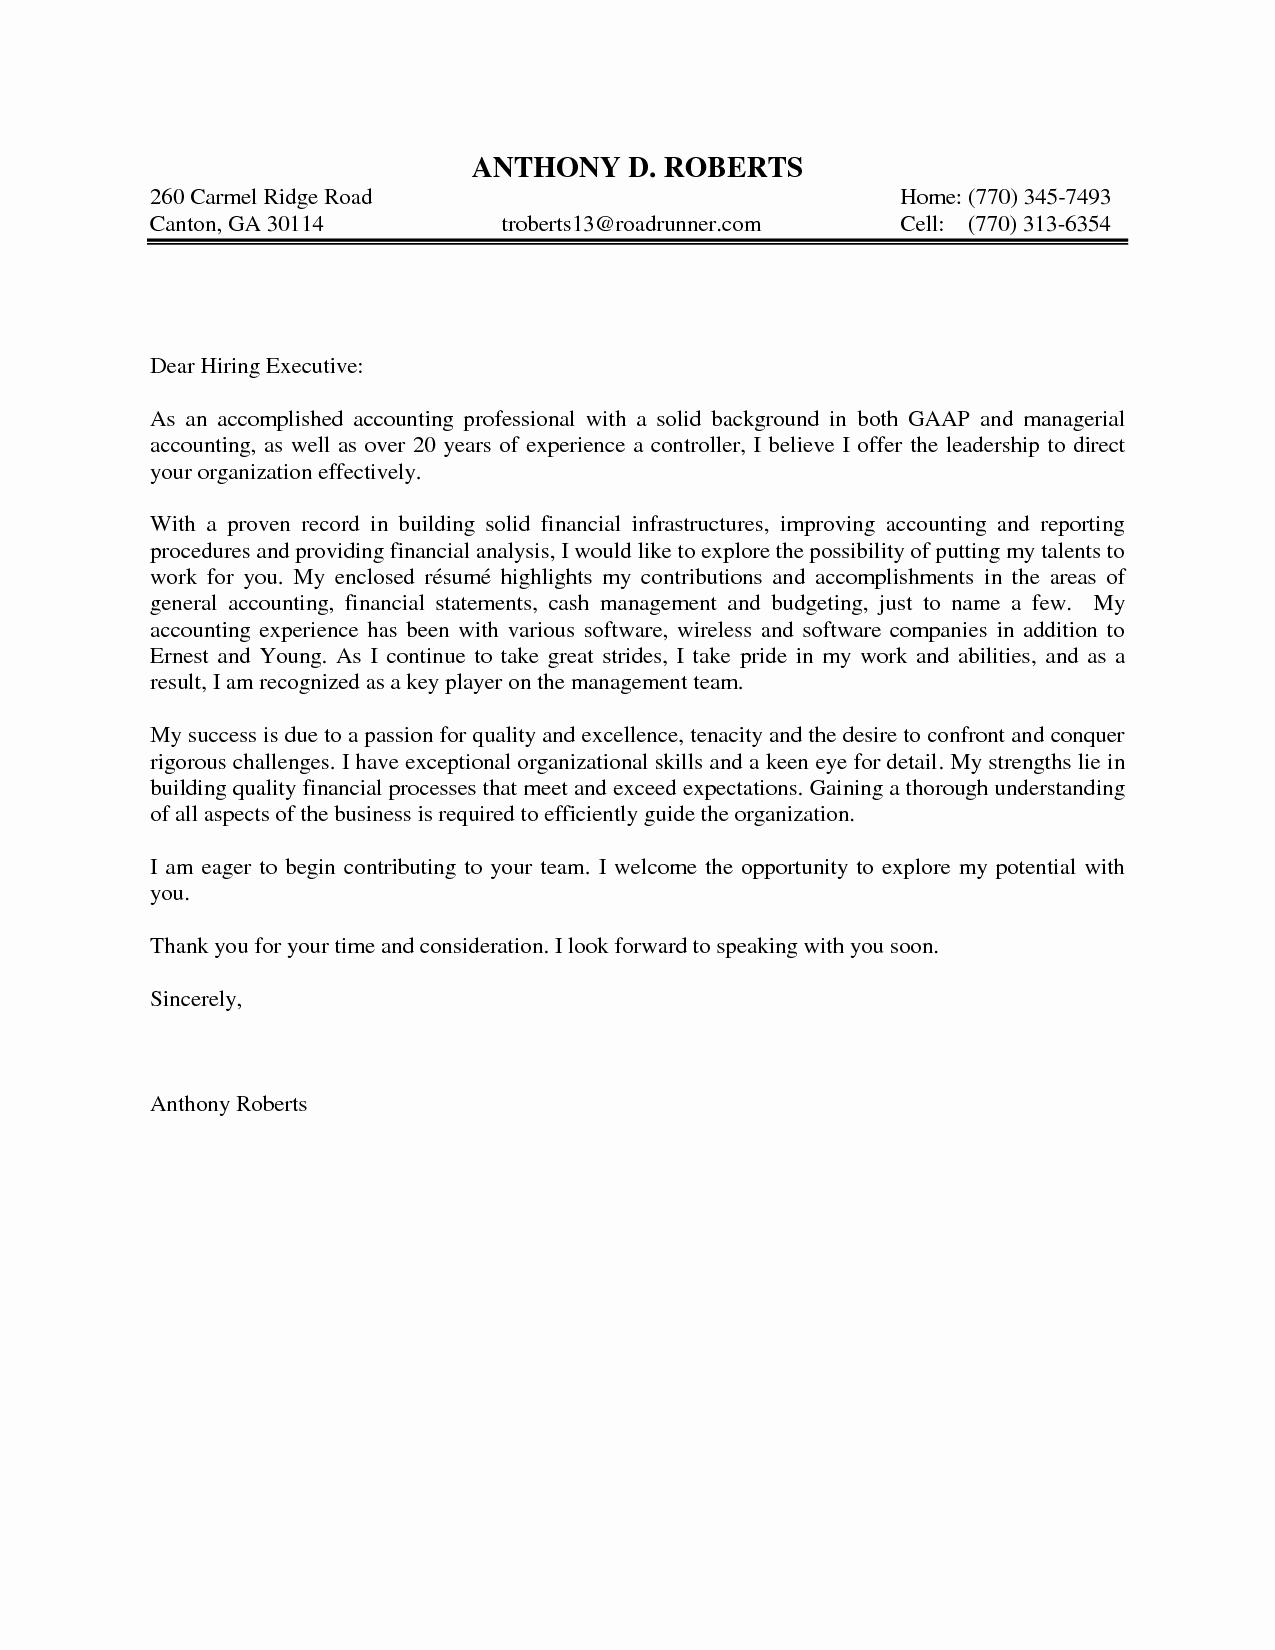 10 General Cover Letter Sample Samplebusinessresume